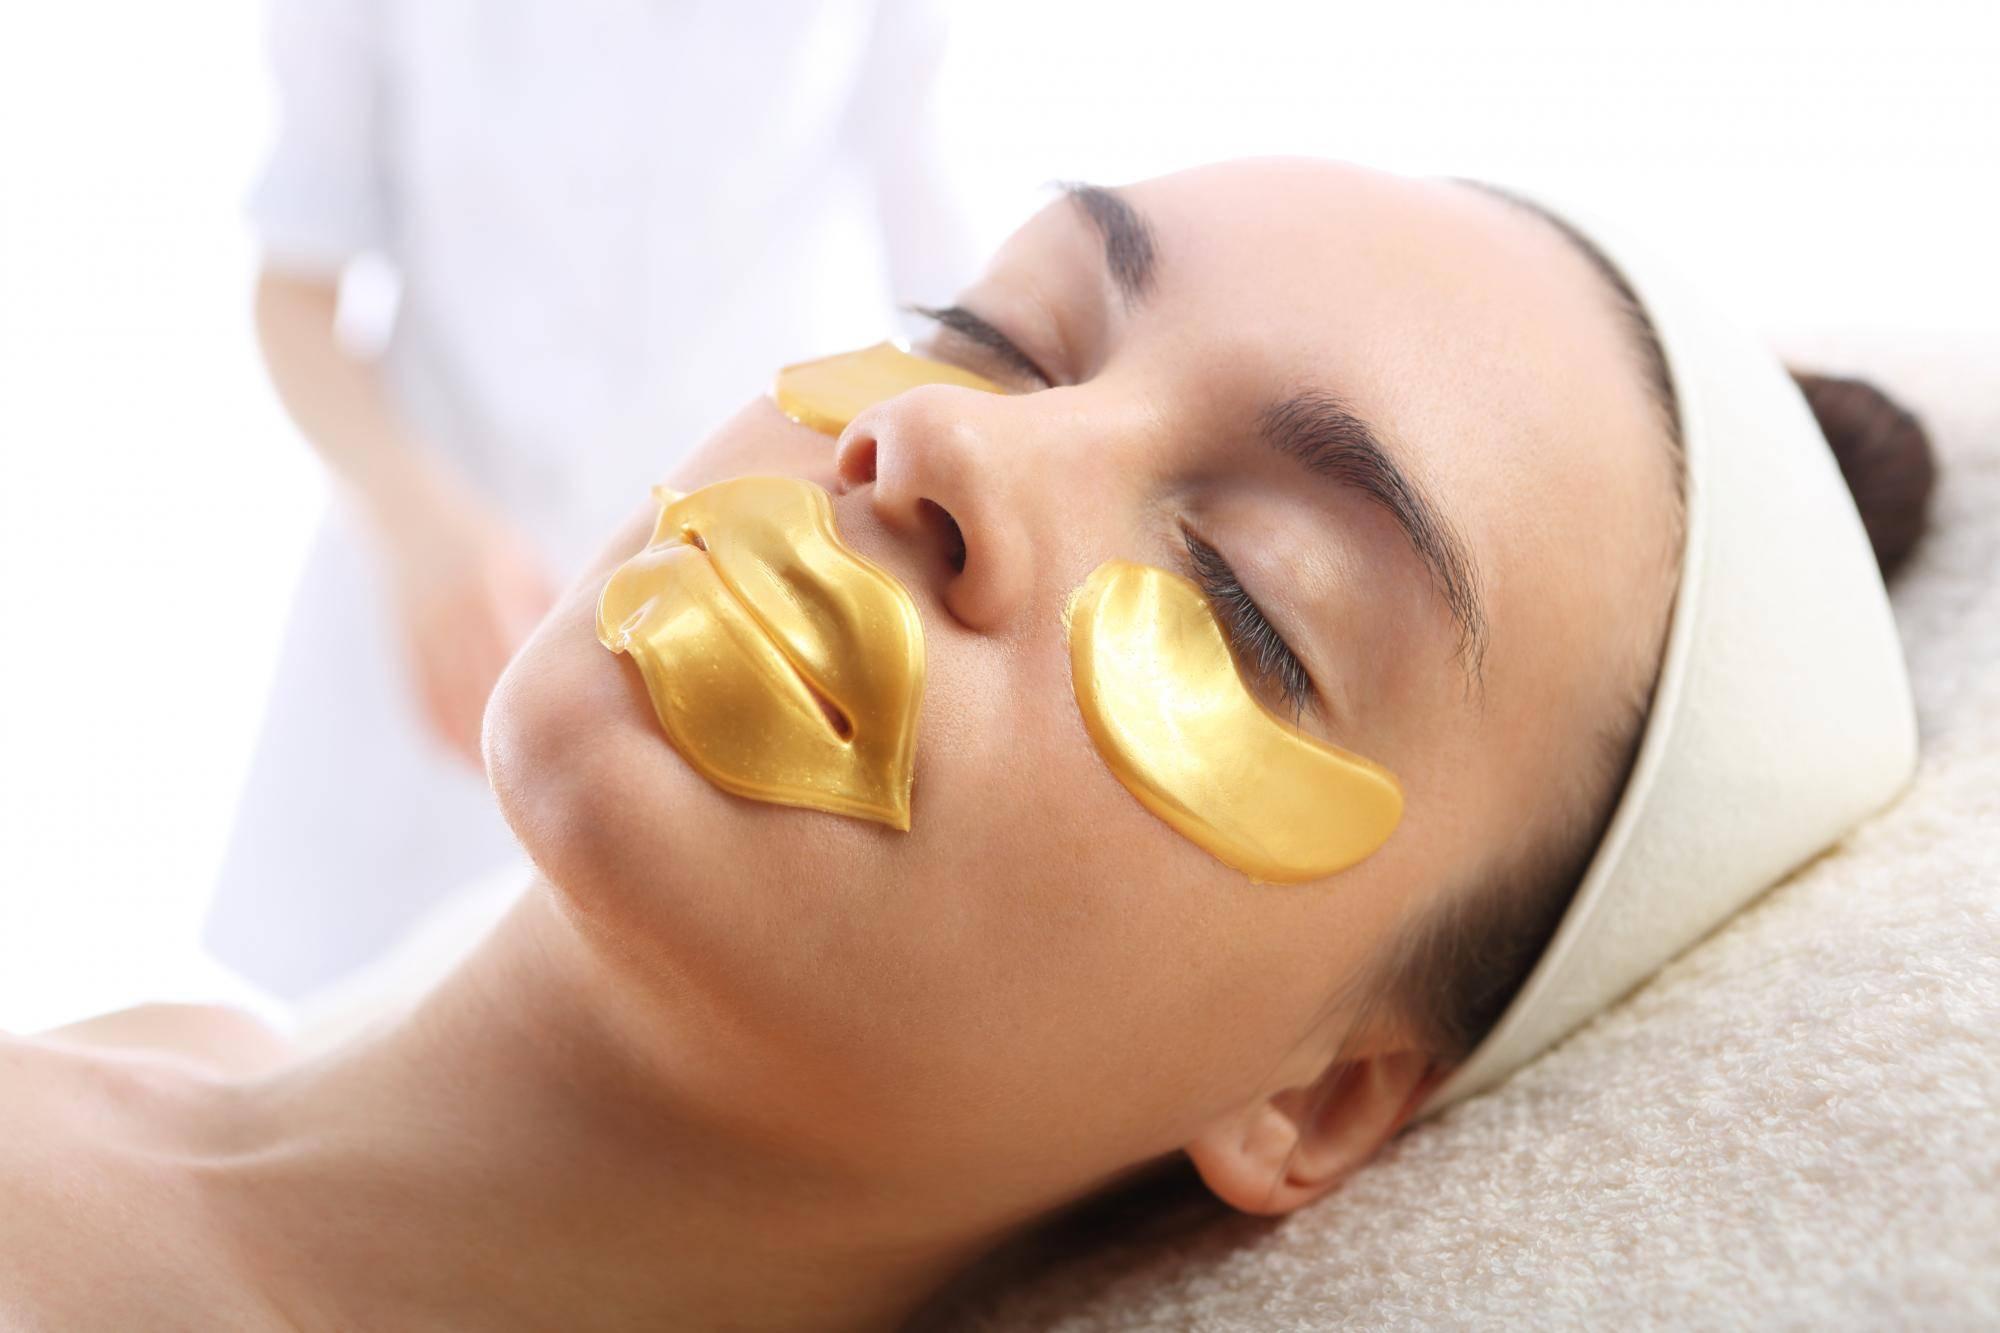 Лечение глаз медом в домашних условиях — рецепты приготовления медовых масок для глаз